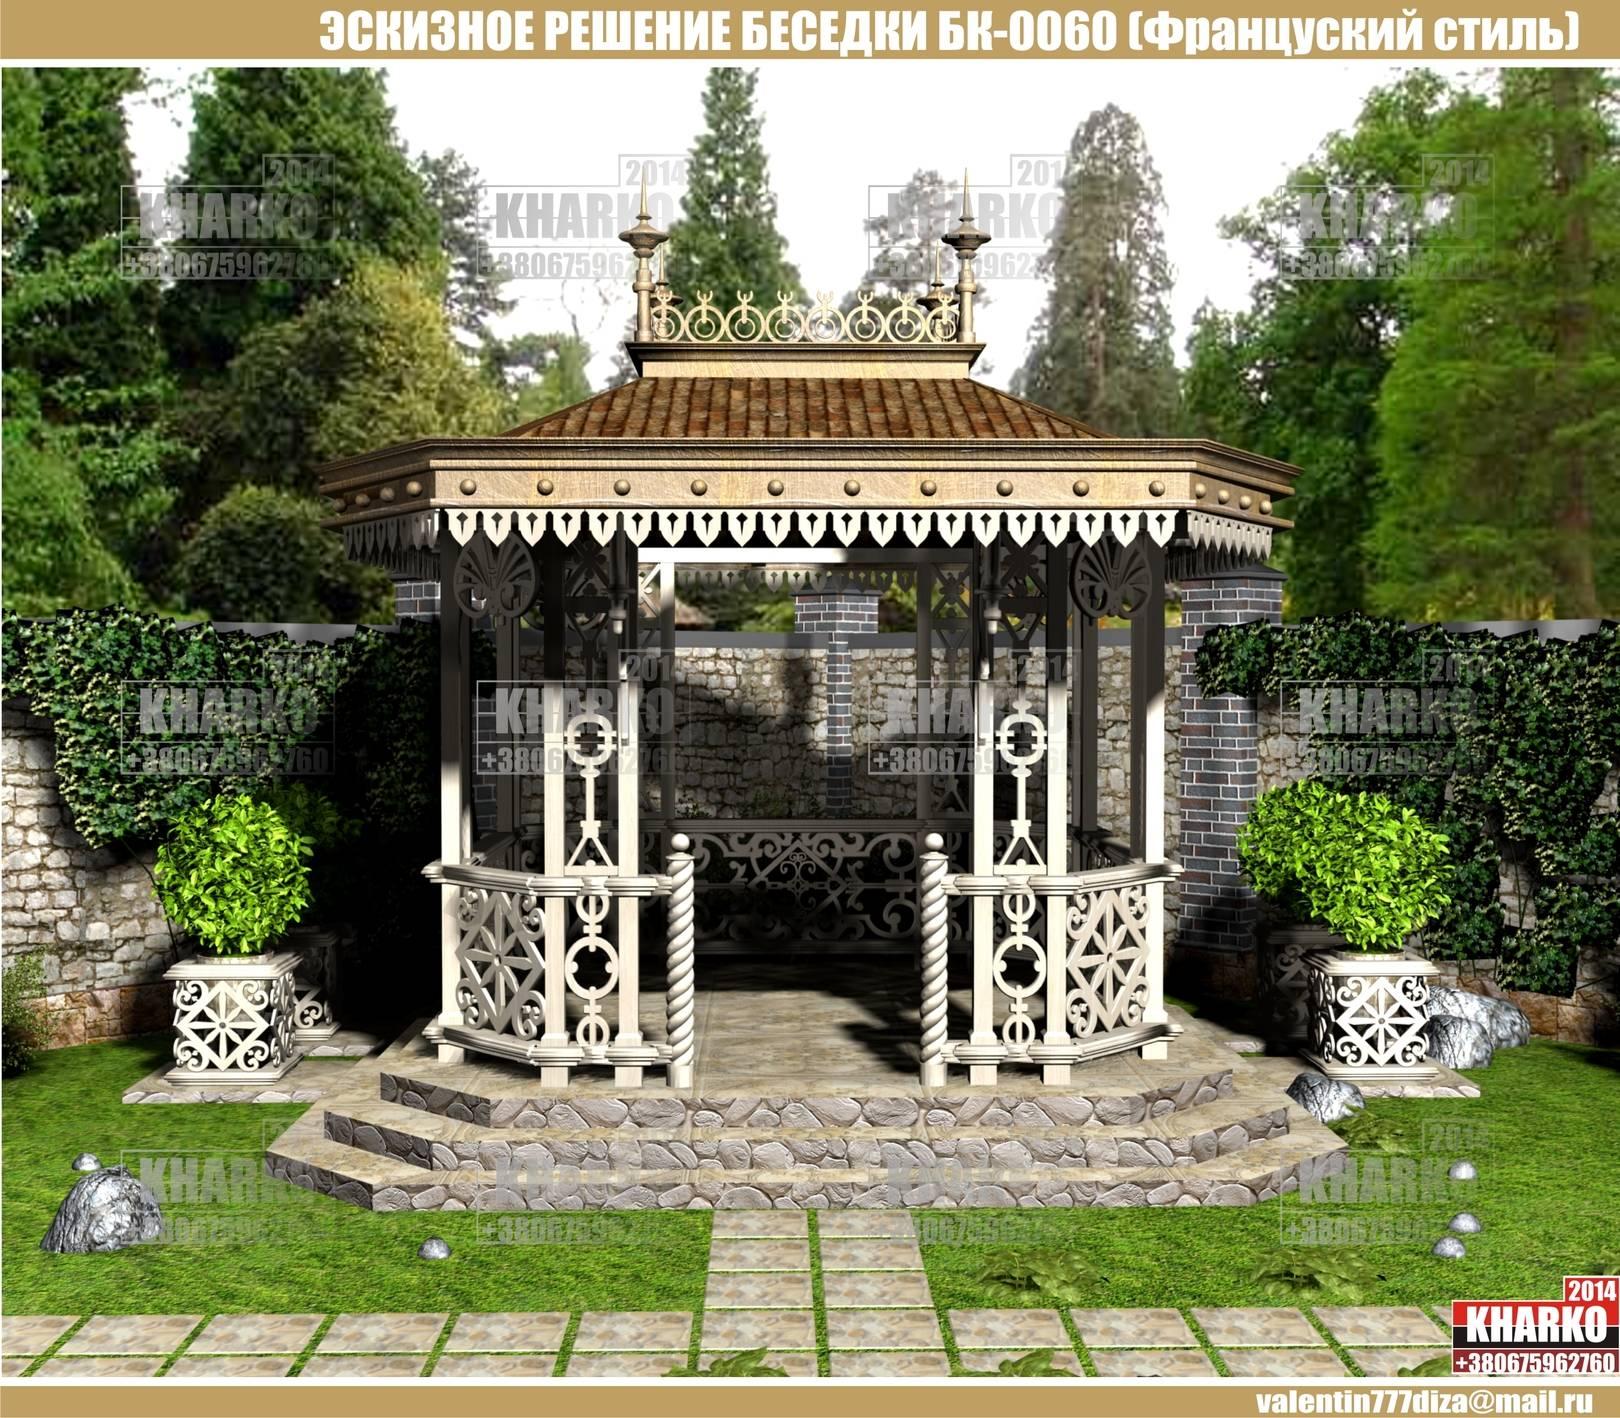 проект беседки БК-0060 (Французский стиль),project pergola, gazebo, shed  общая площадь беседки- 24,4 м. кв. эксплуатируемая площадь беседки-19,4 м.кв. габаритные размеры - 4,7 м. на 5,2 м. тип фундамента-монолитный ж/б материал наружной стены и опор-кирпич, бетон, дерево тип кровли-битумная черепица Наружная отделка цоколя -декоративный камень Стоимость проекта- 2000 грн.